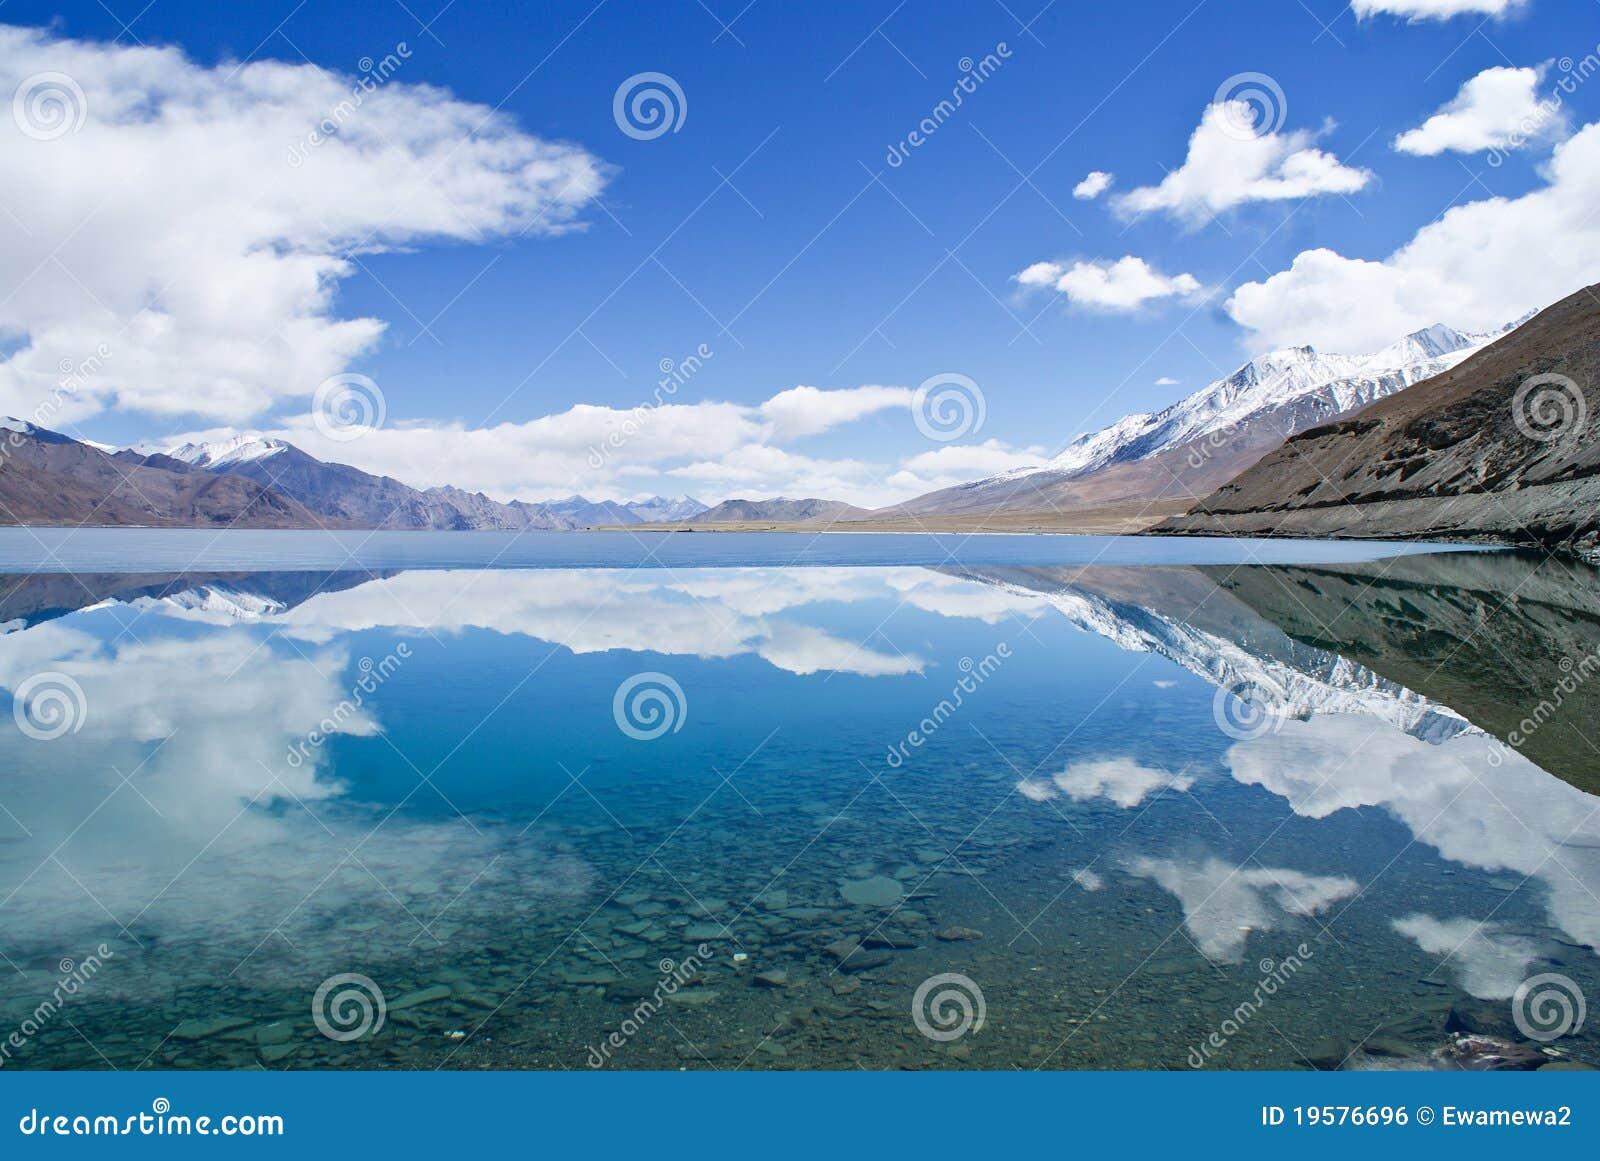 Lago azul nas montanhas